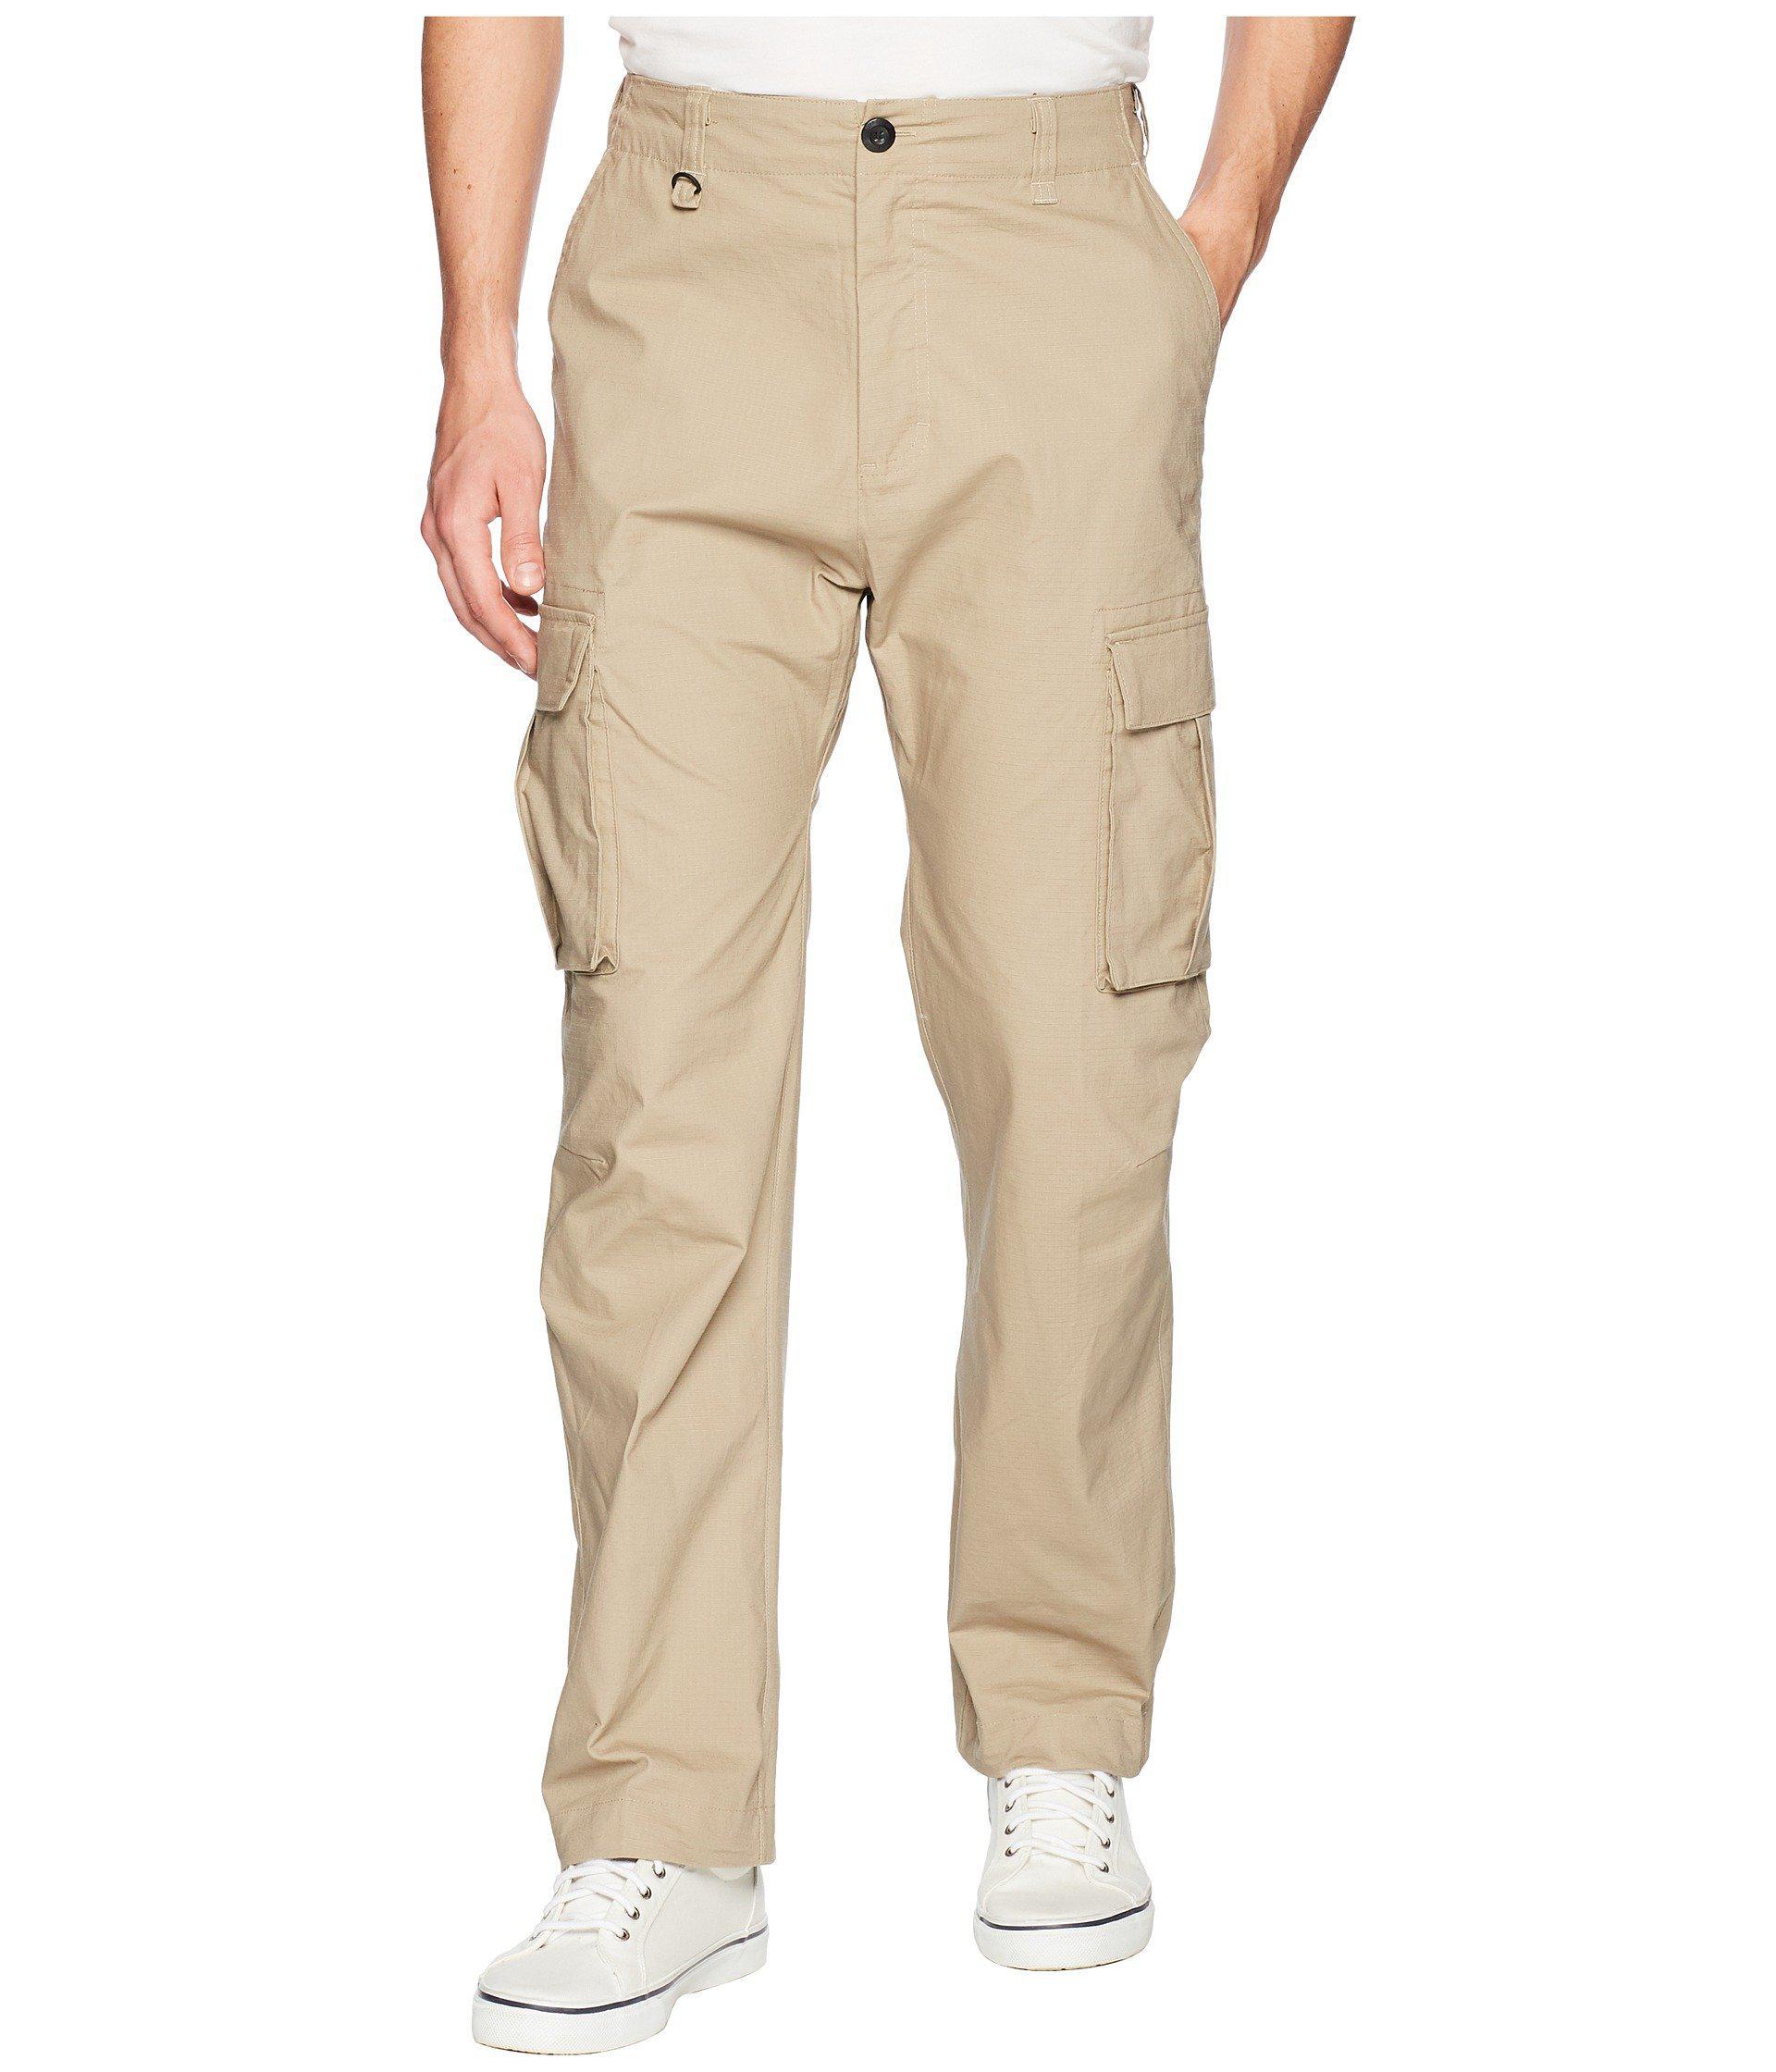 ee2a0c61c9b Lyst - Nike Sb Flex Pants Fit To Move Cargo (khaki) Men s Casual ...